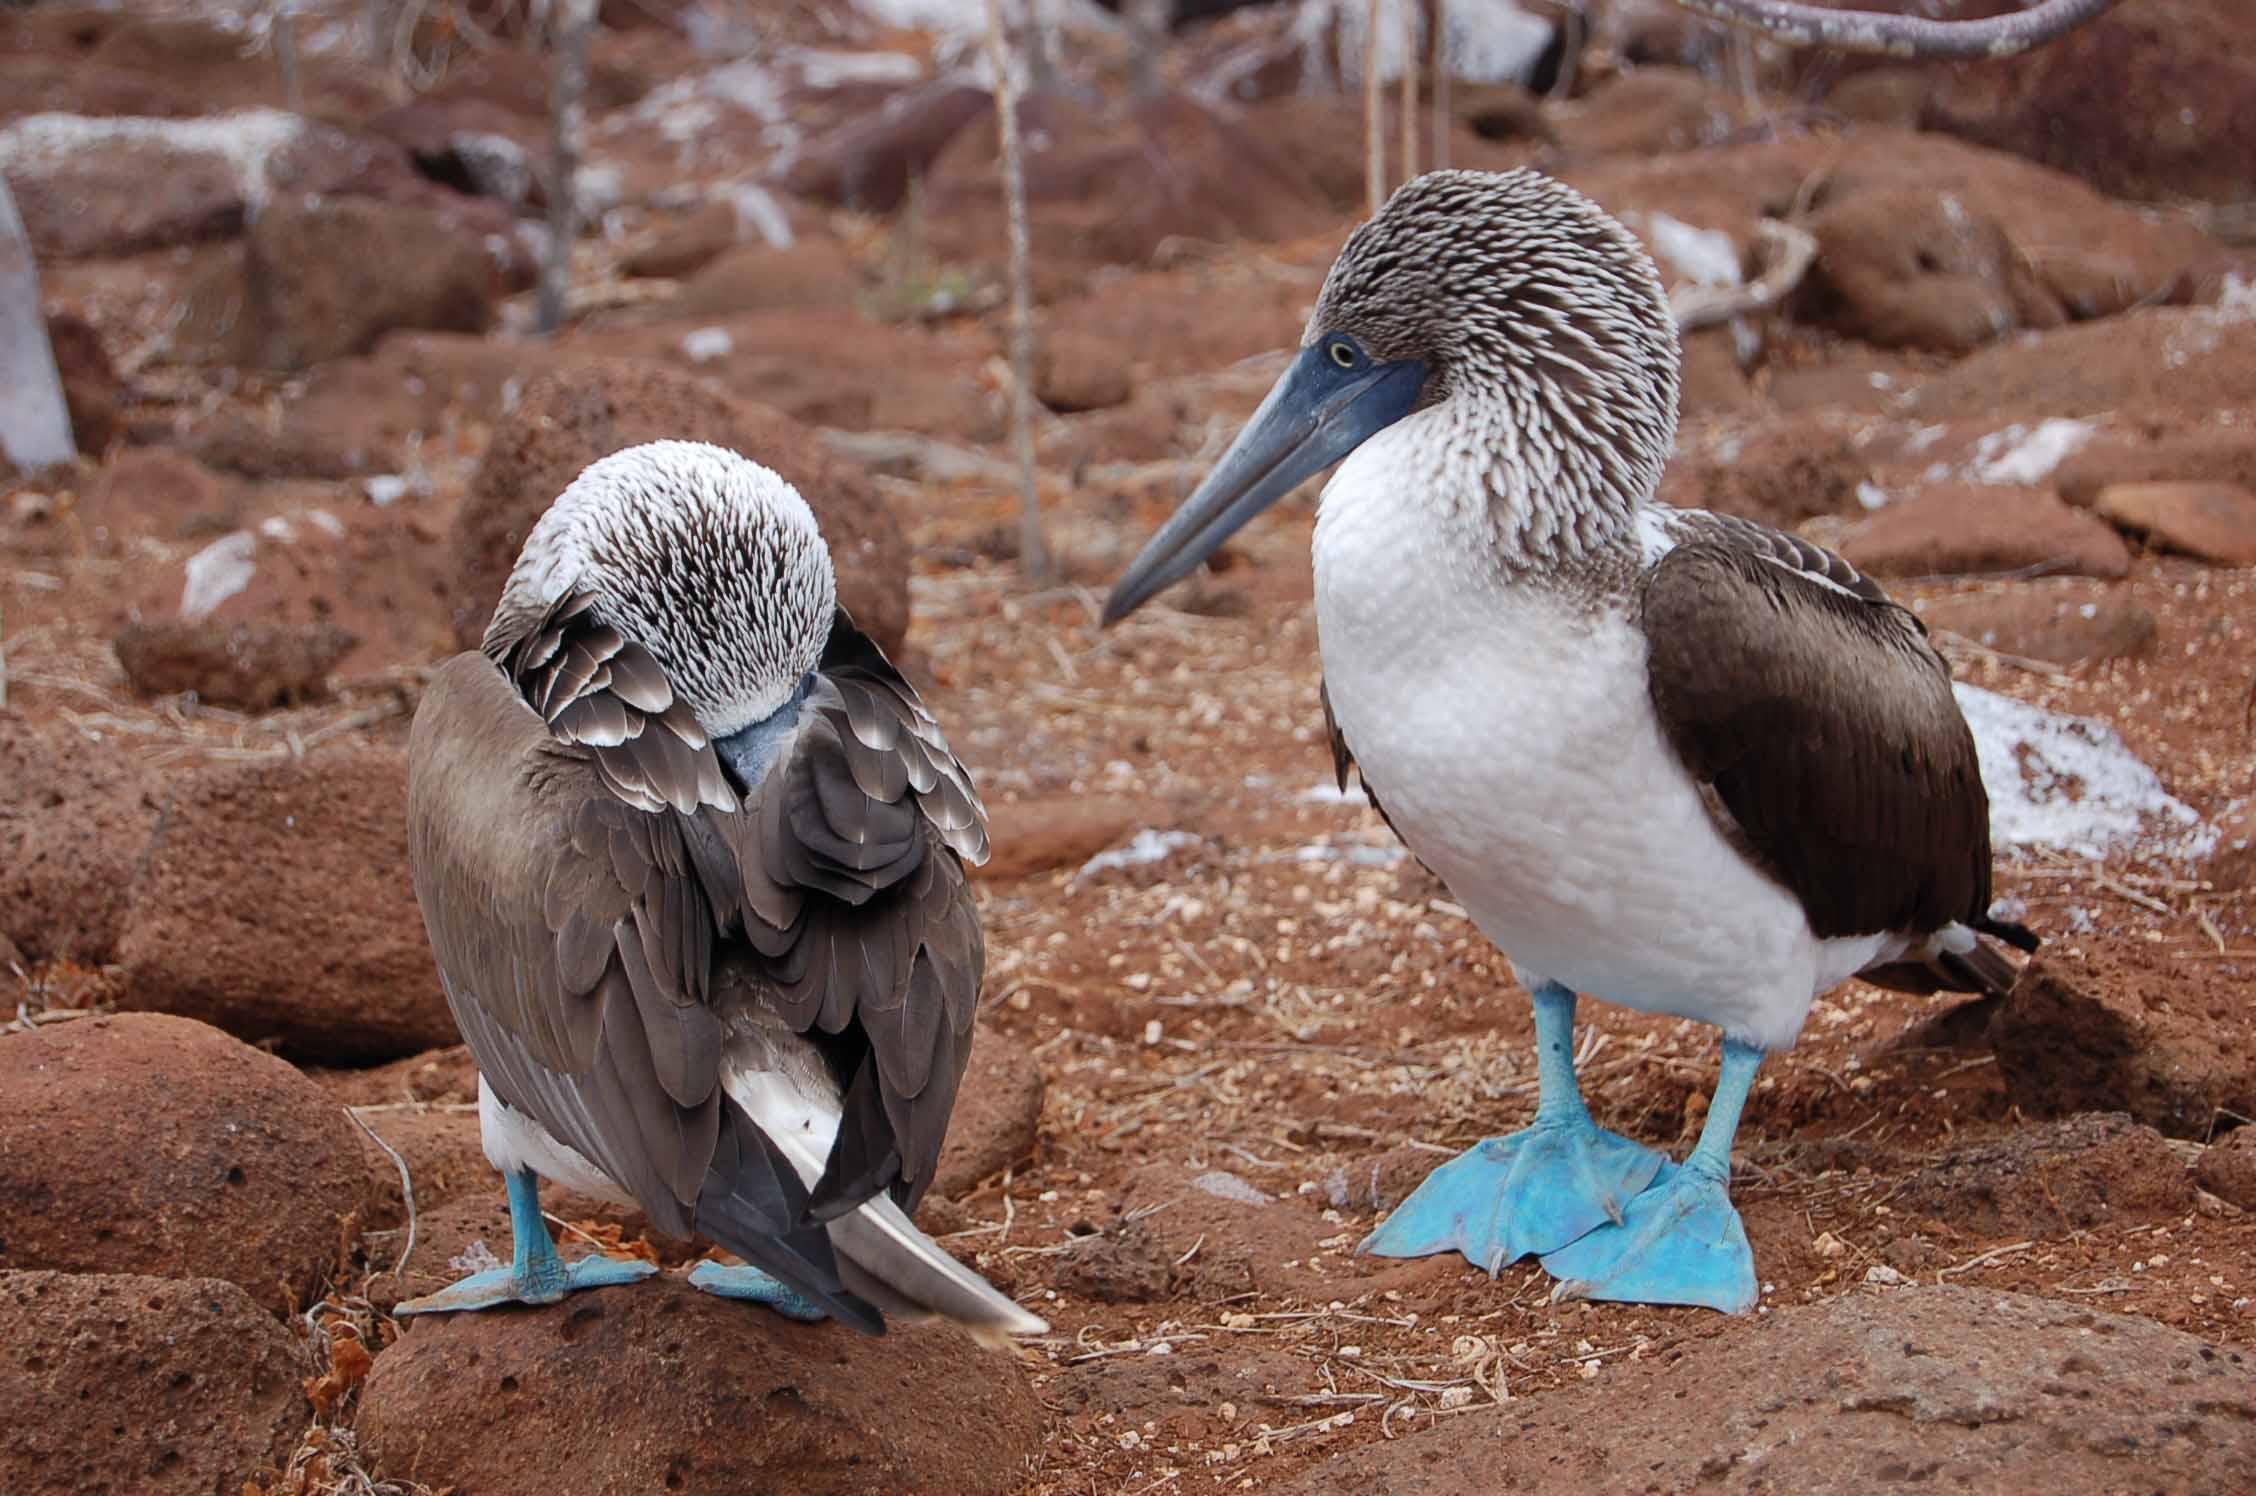 סולות כחולות רגליים בסיימר הצפוני